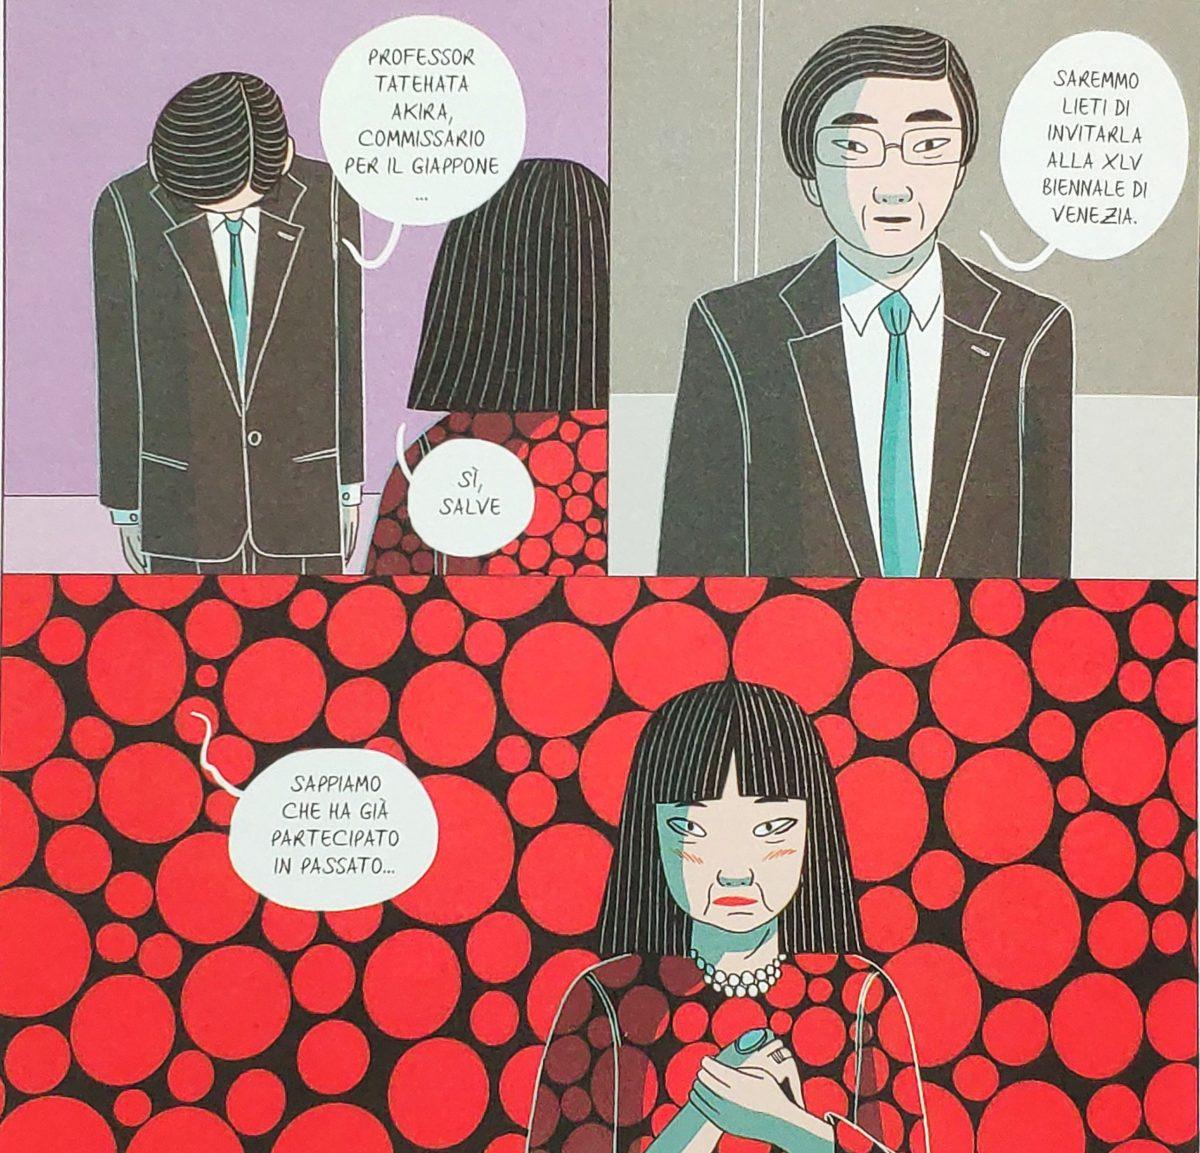 Mio caro fumetto… - Yayoi Kusama invitata alla XLV Biennale di Venezia